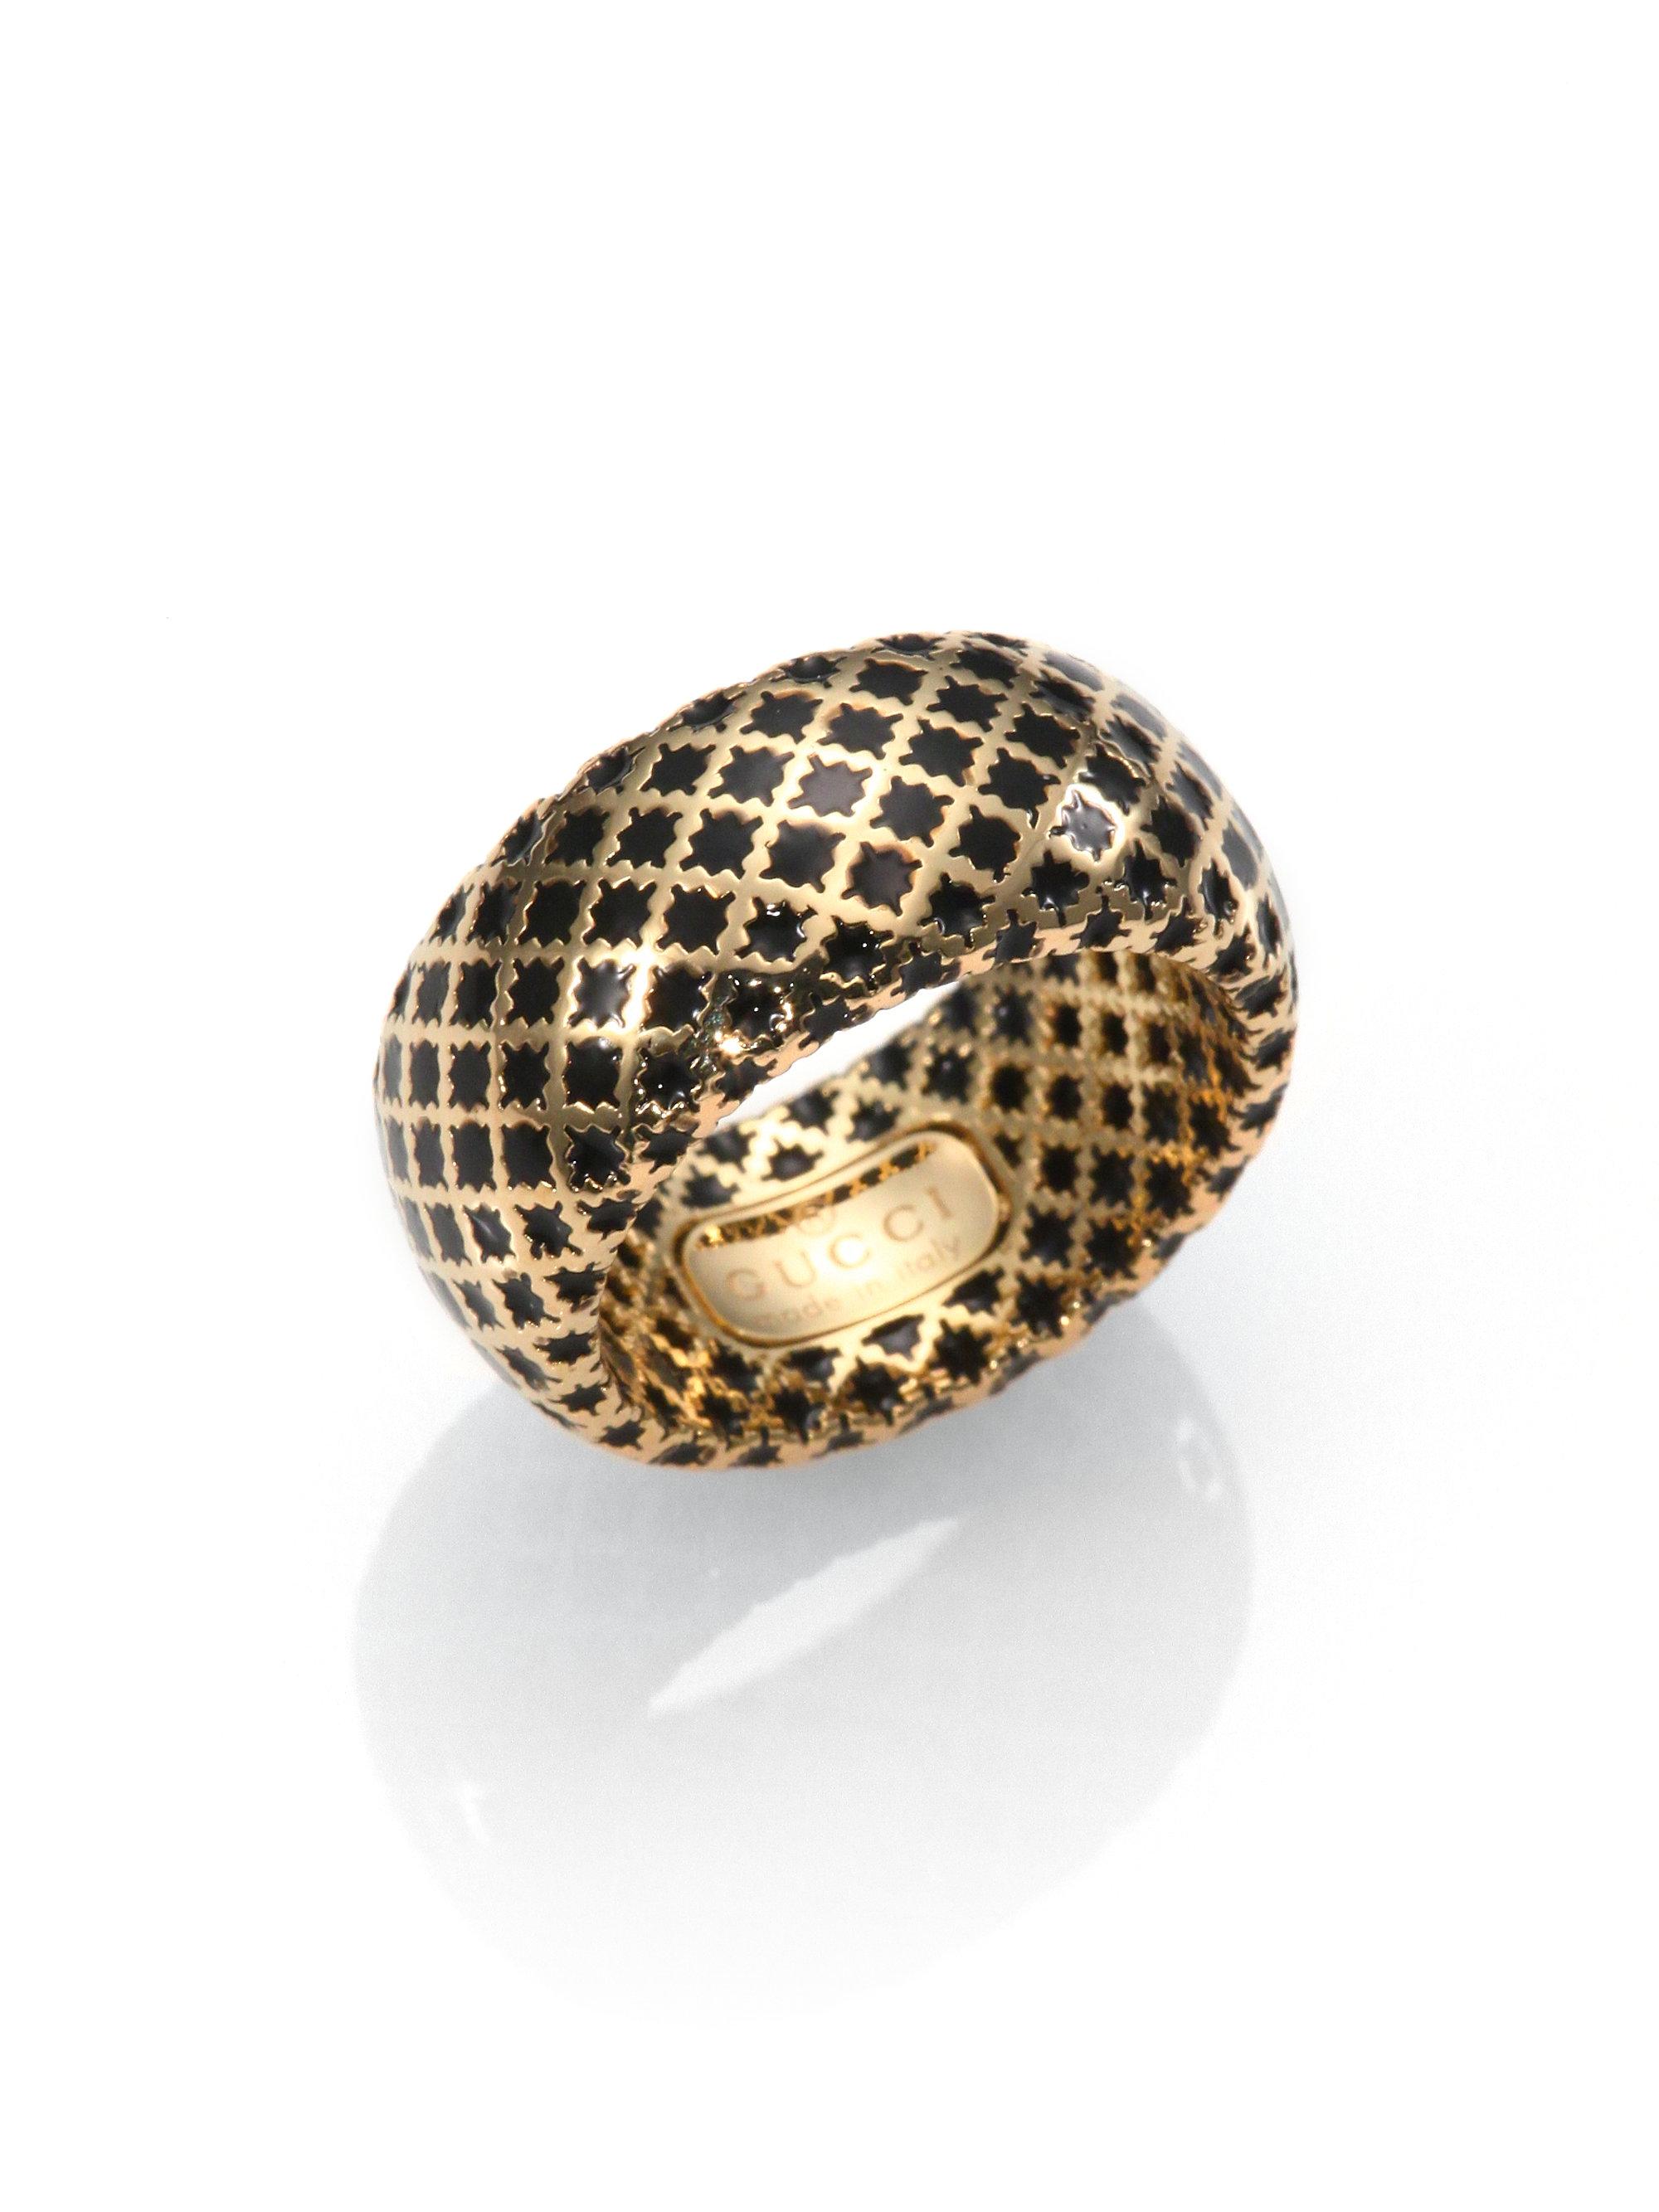 Gucci Diamantissima Enamel Ring